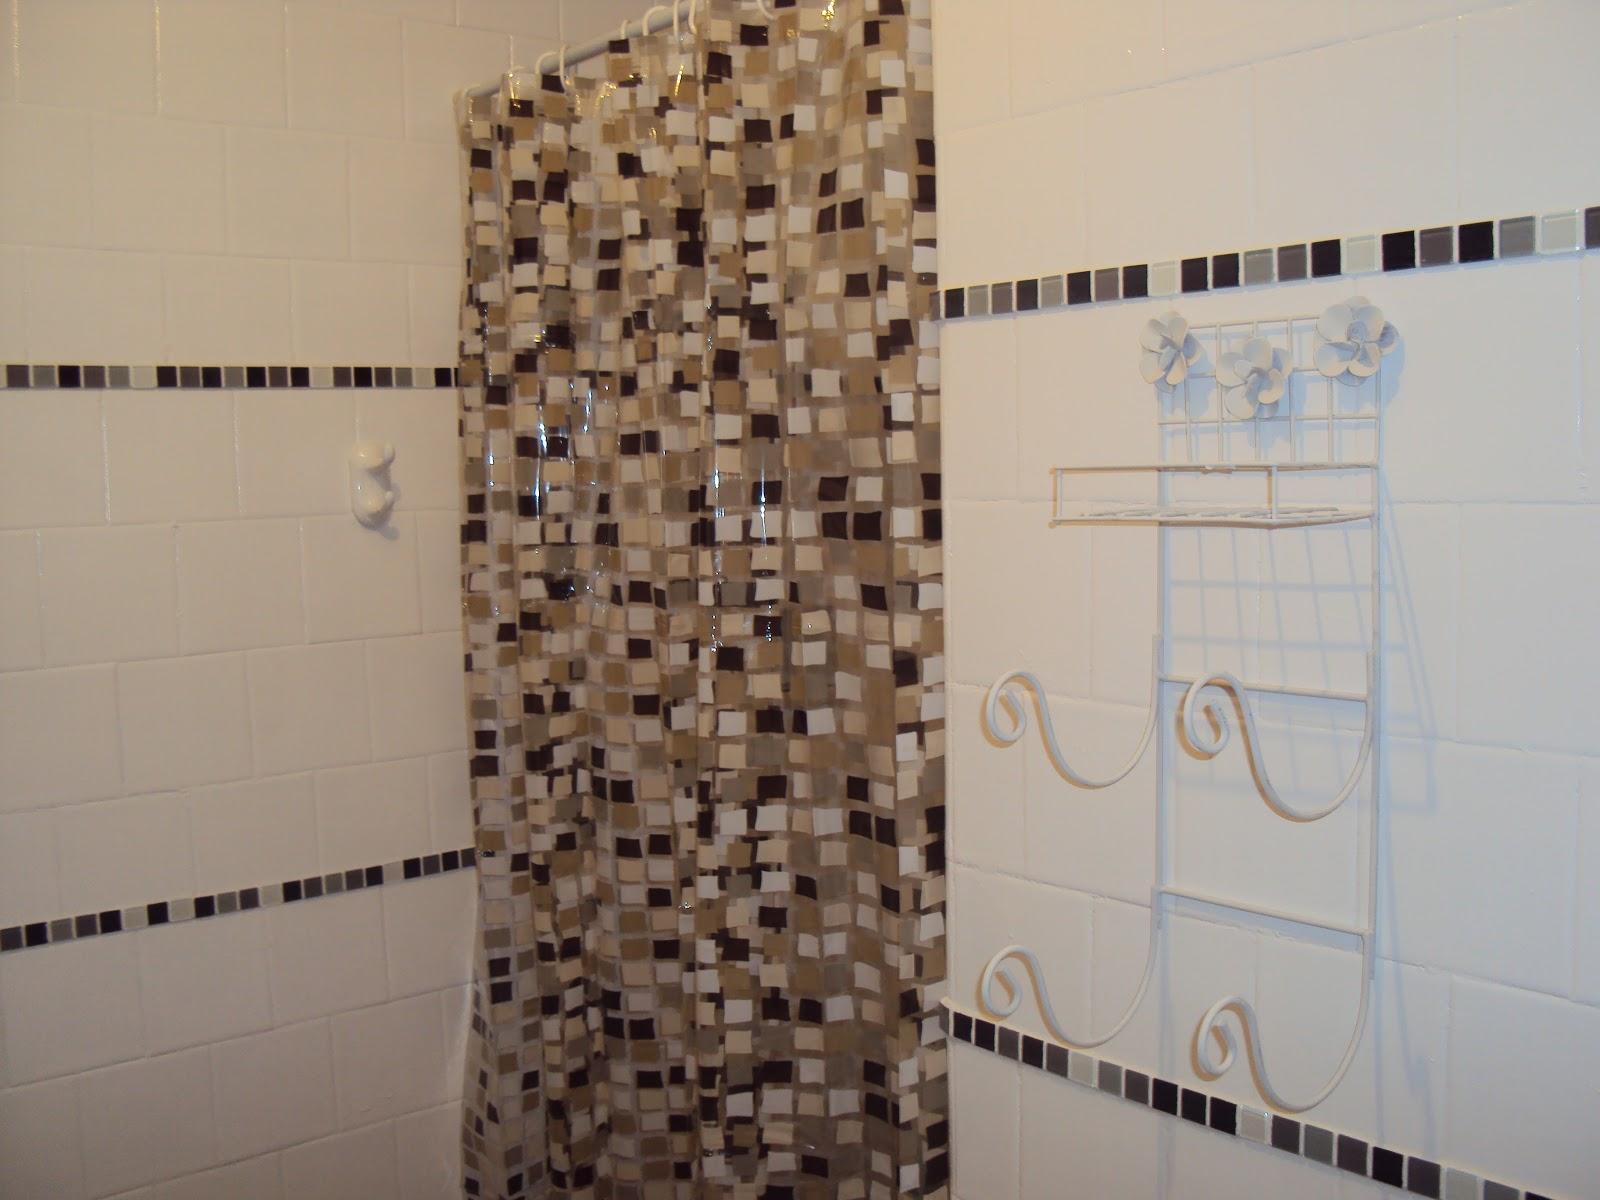 se Esta Casa Fosse Minha!?: Antes e Depois: Banheiro #7A6049 1600x1200 Antes E Depois De Um Banheiro